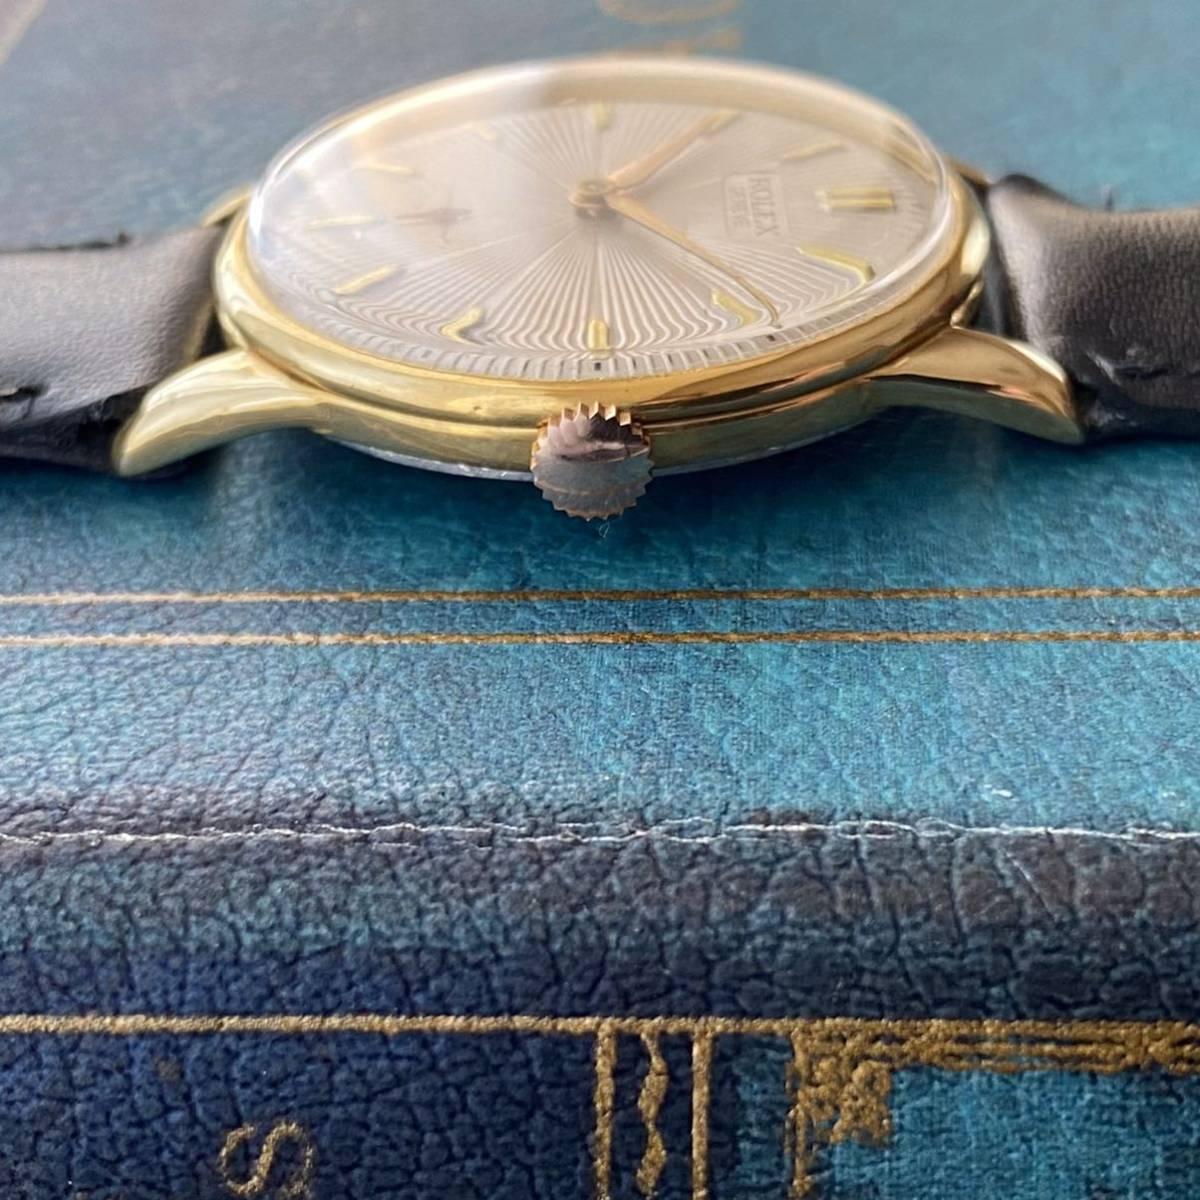 激レア【OH済】ロレックス ■ ROLEX ジュネーブ 14KGP 1950年代 アンティーク 中古 メンズ 手巻き 機械式腕時計 ビンテージ 美品 レア_画像2